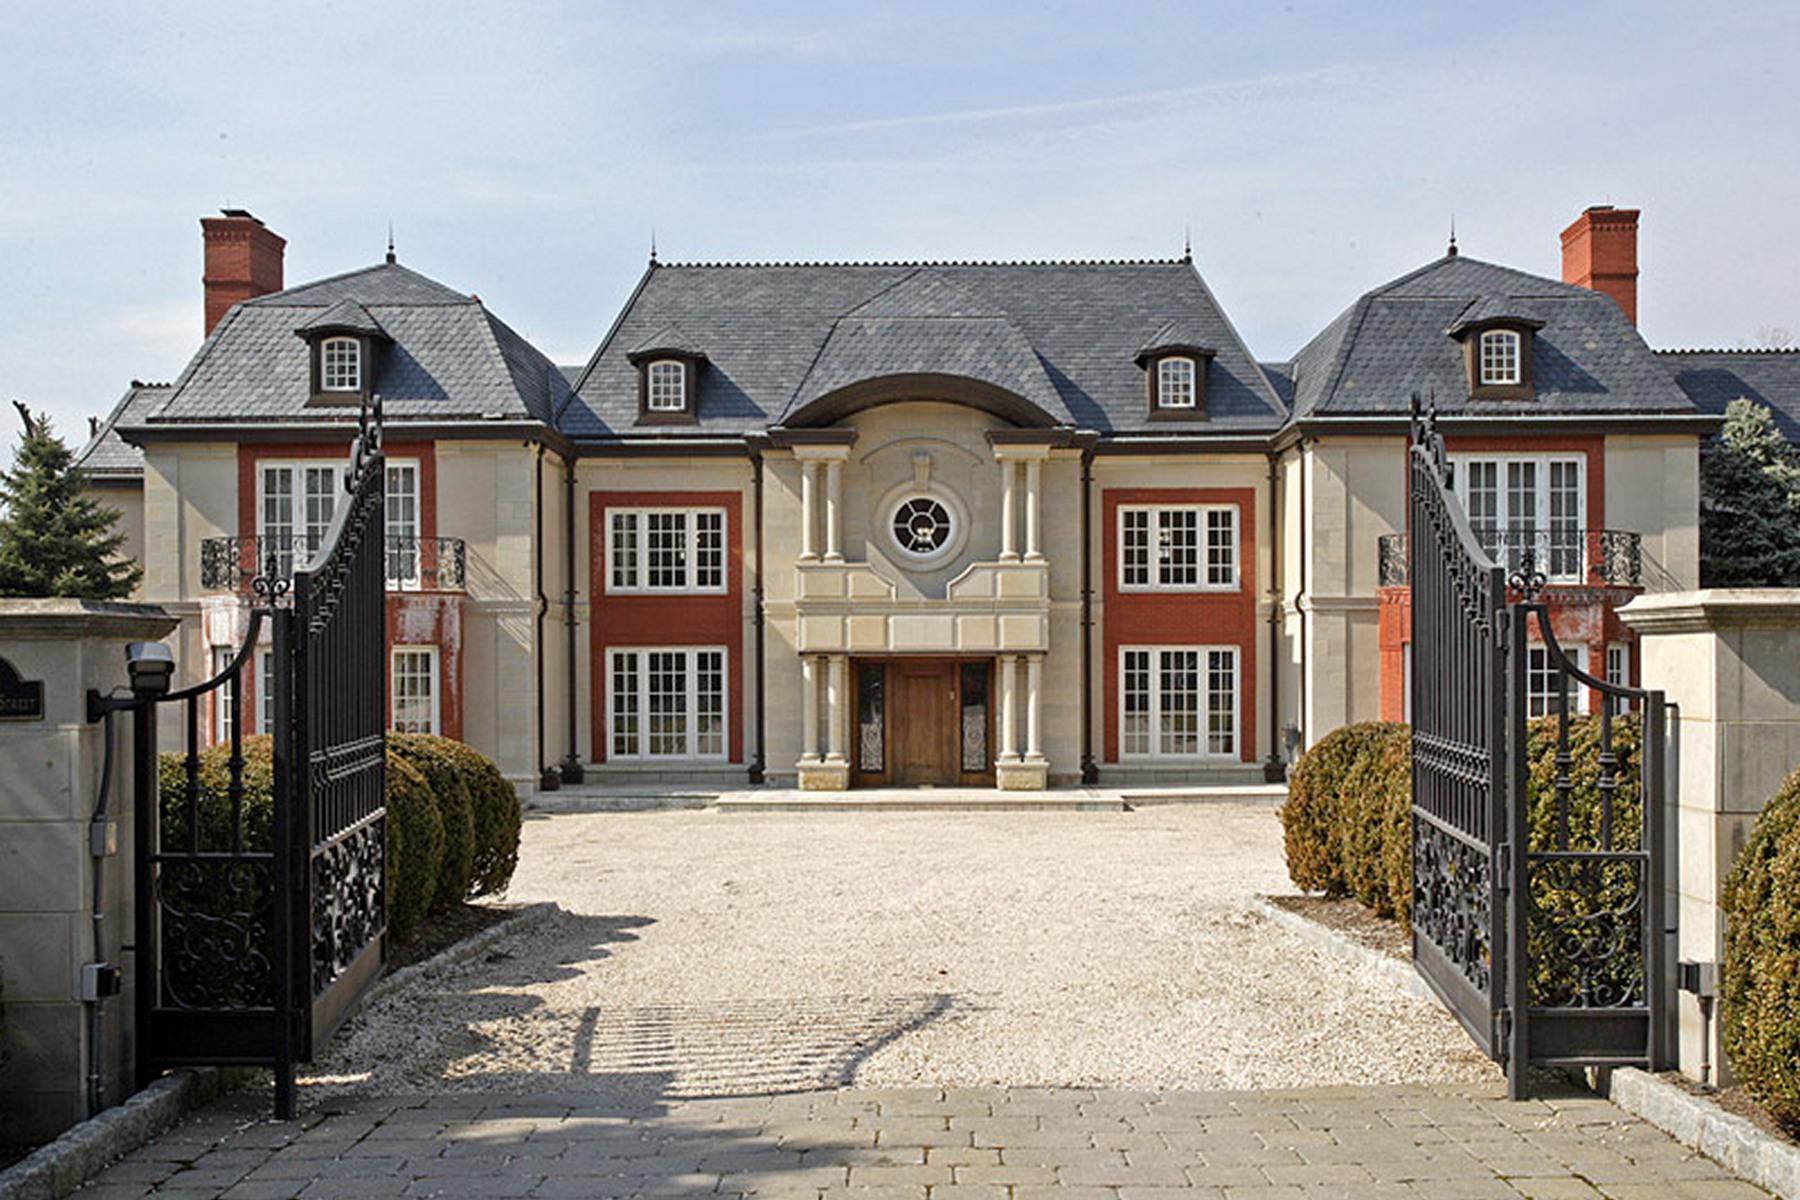 Частный односемейный дом для того Продажа на Palatial Estate 120 S Woodland St, Englewood, Нью-Джерси 07631 Соединенные Штаты